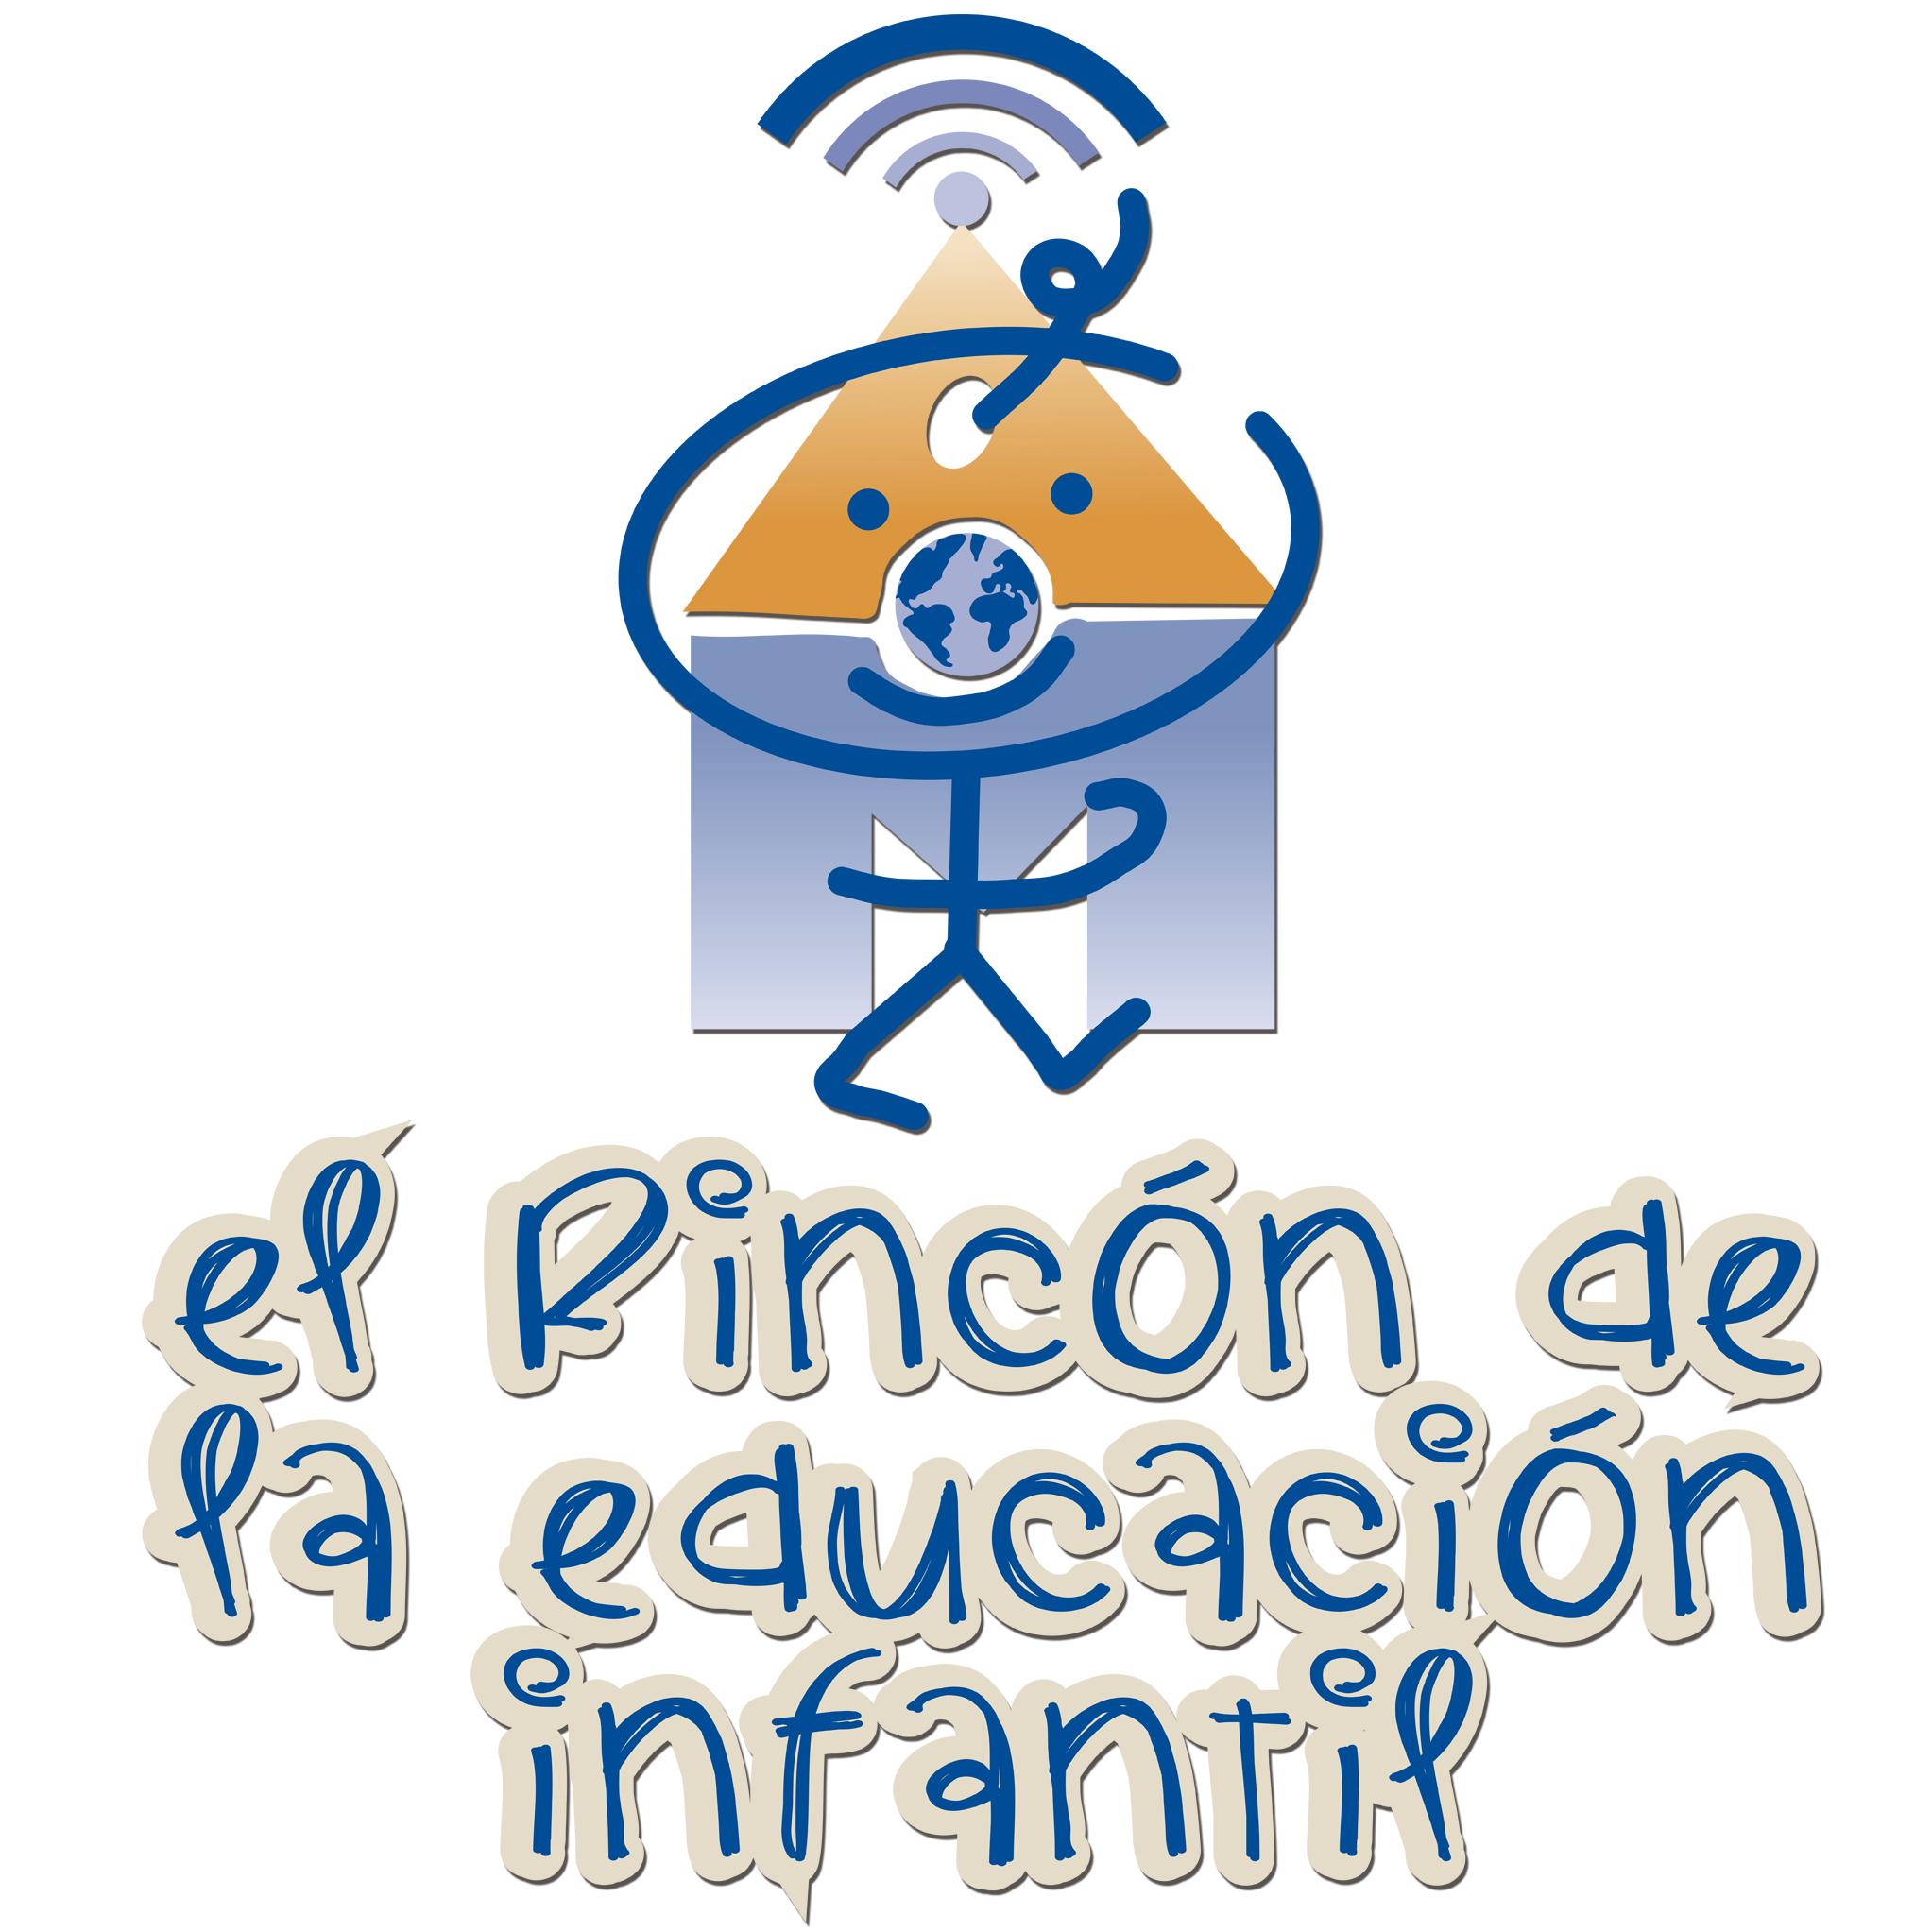 Logo de El Rincón de la Educación Infantil - Asociación Mundial de Educadores Infantiles AMEI-WAECE